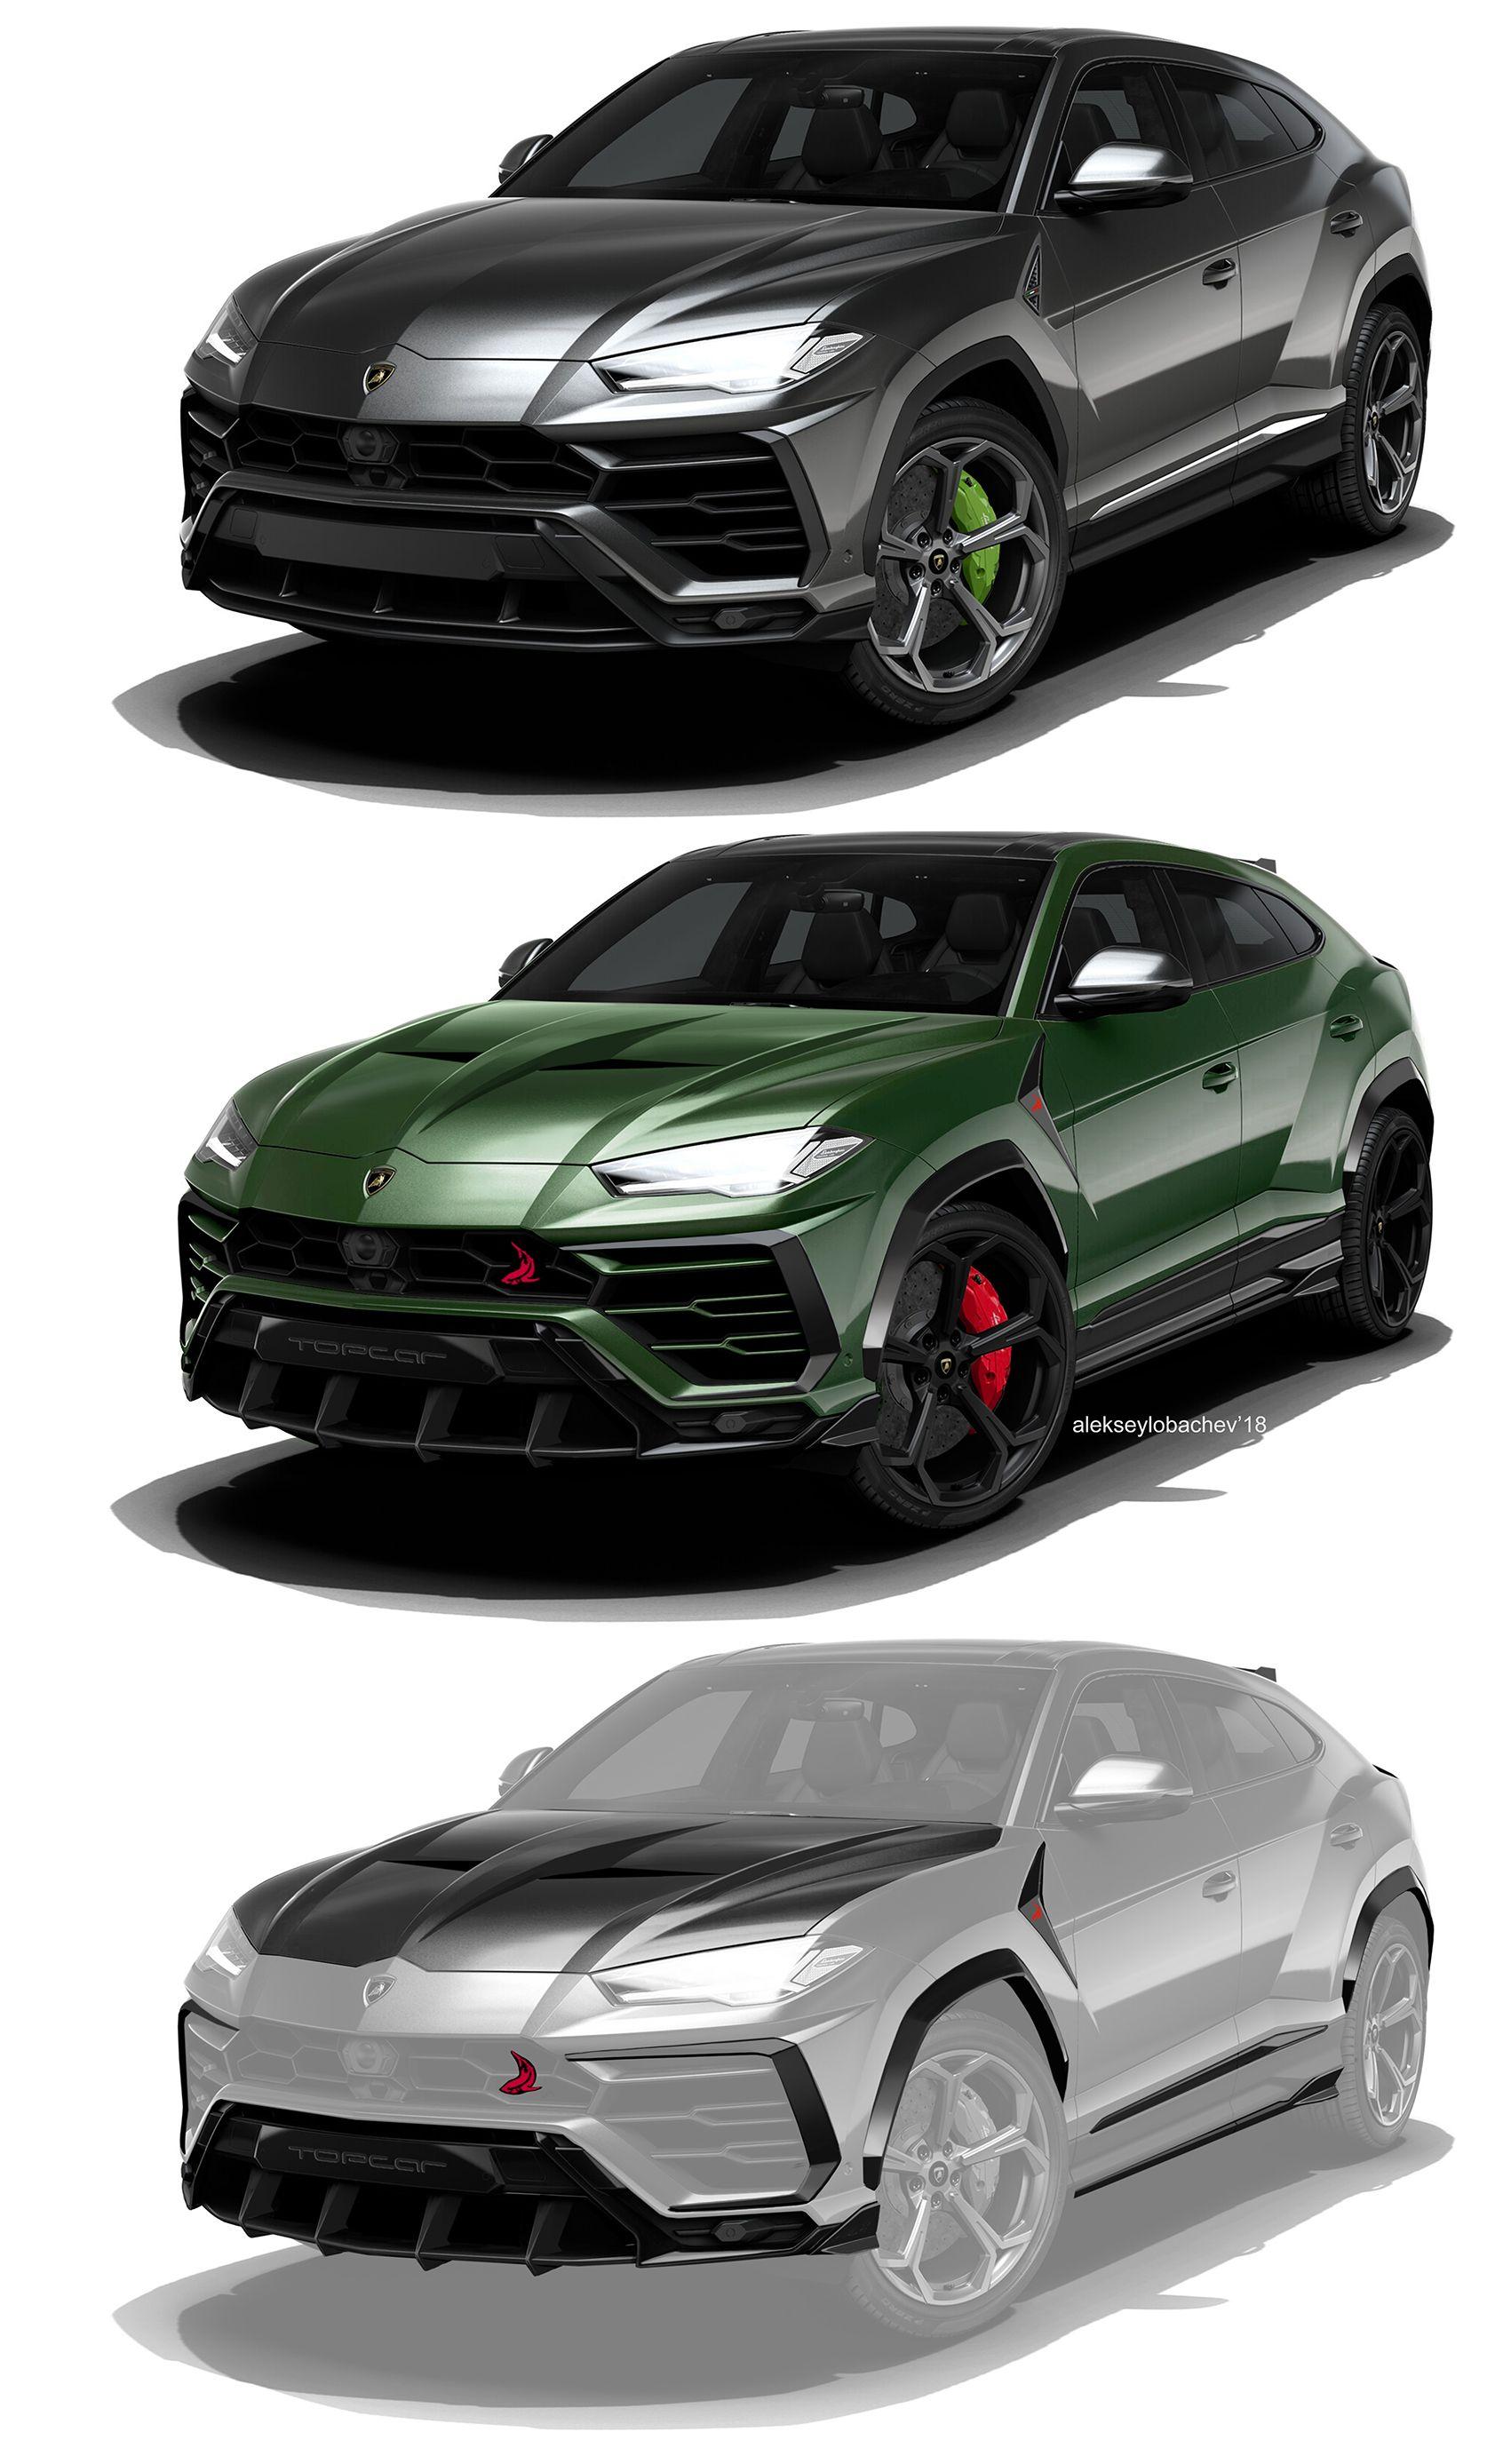 Exceptional Эскизы легкого обвеса на Lamborghini Urus для компании Top Car #lamborghini  #urus #topcar